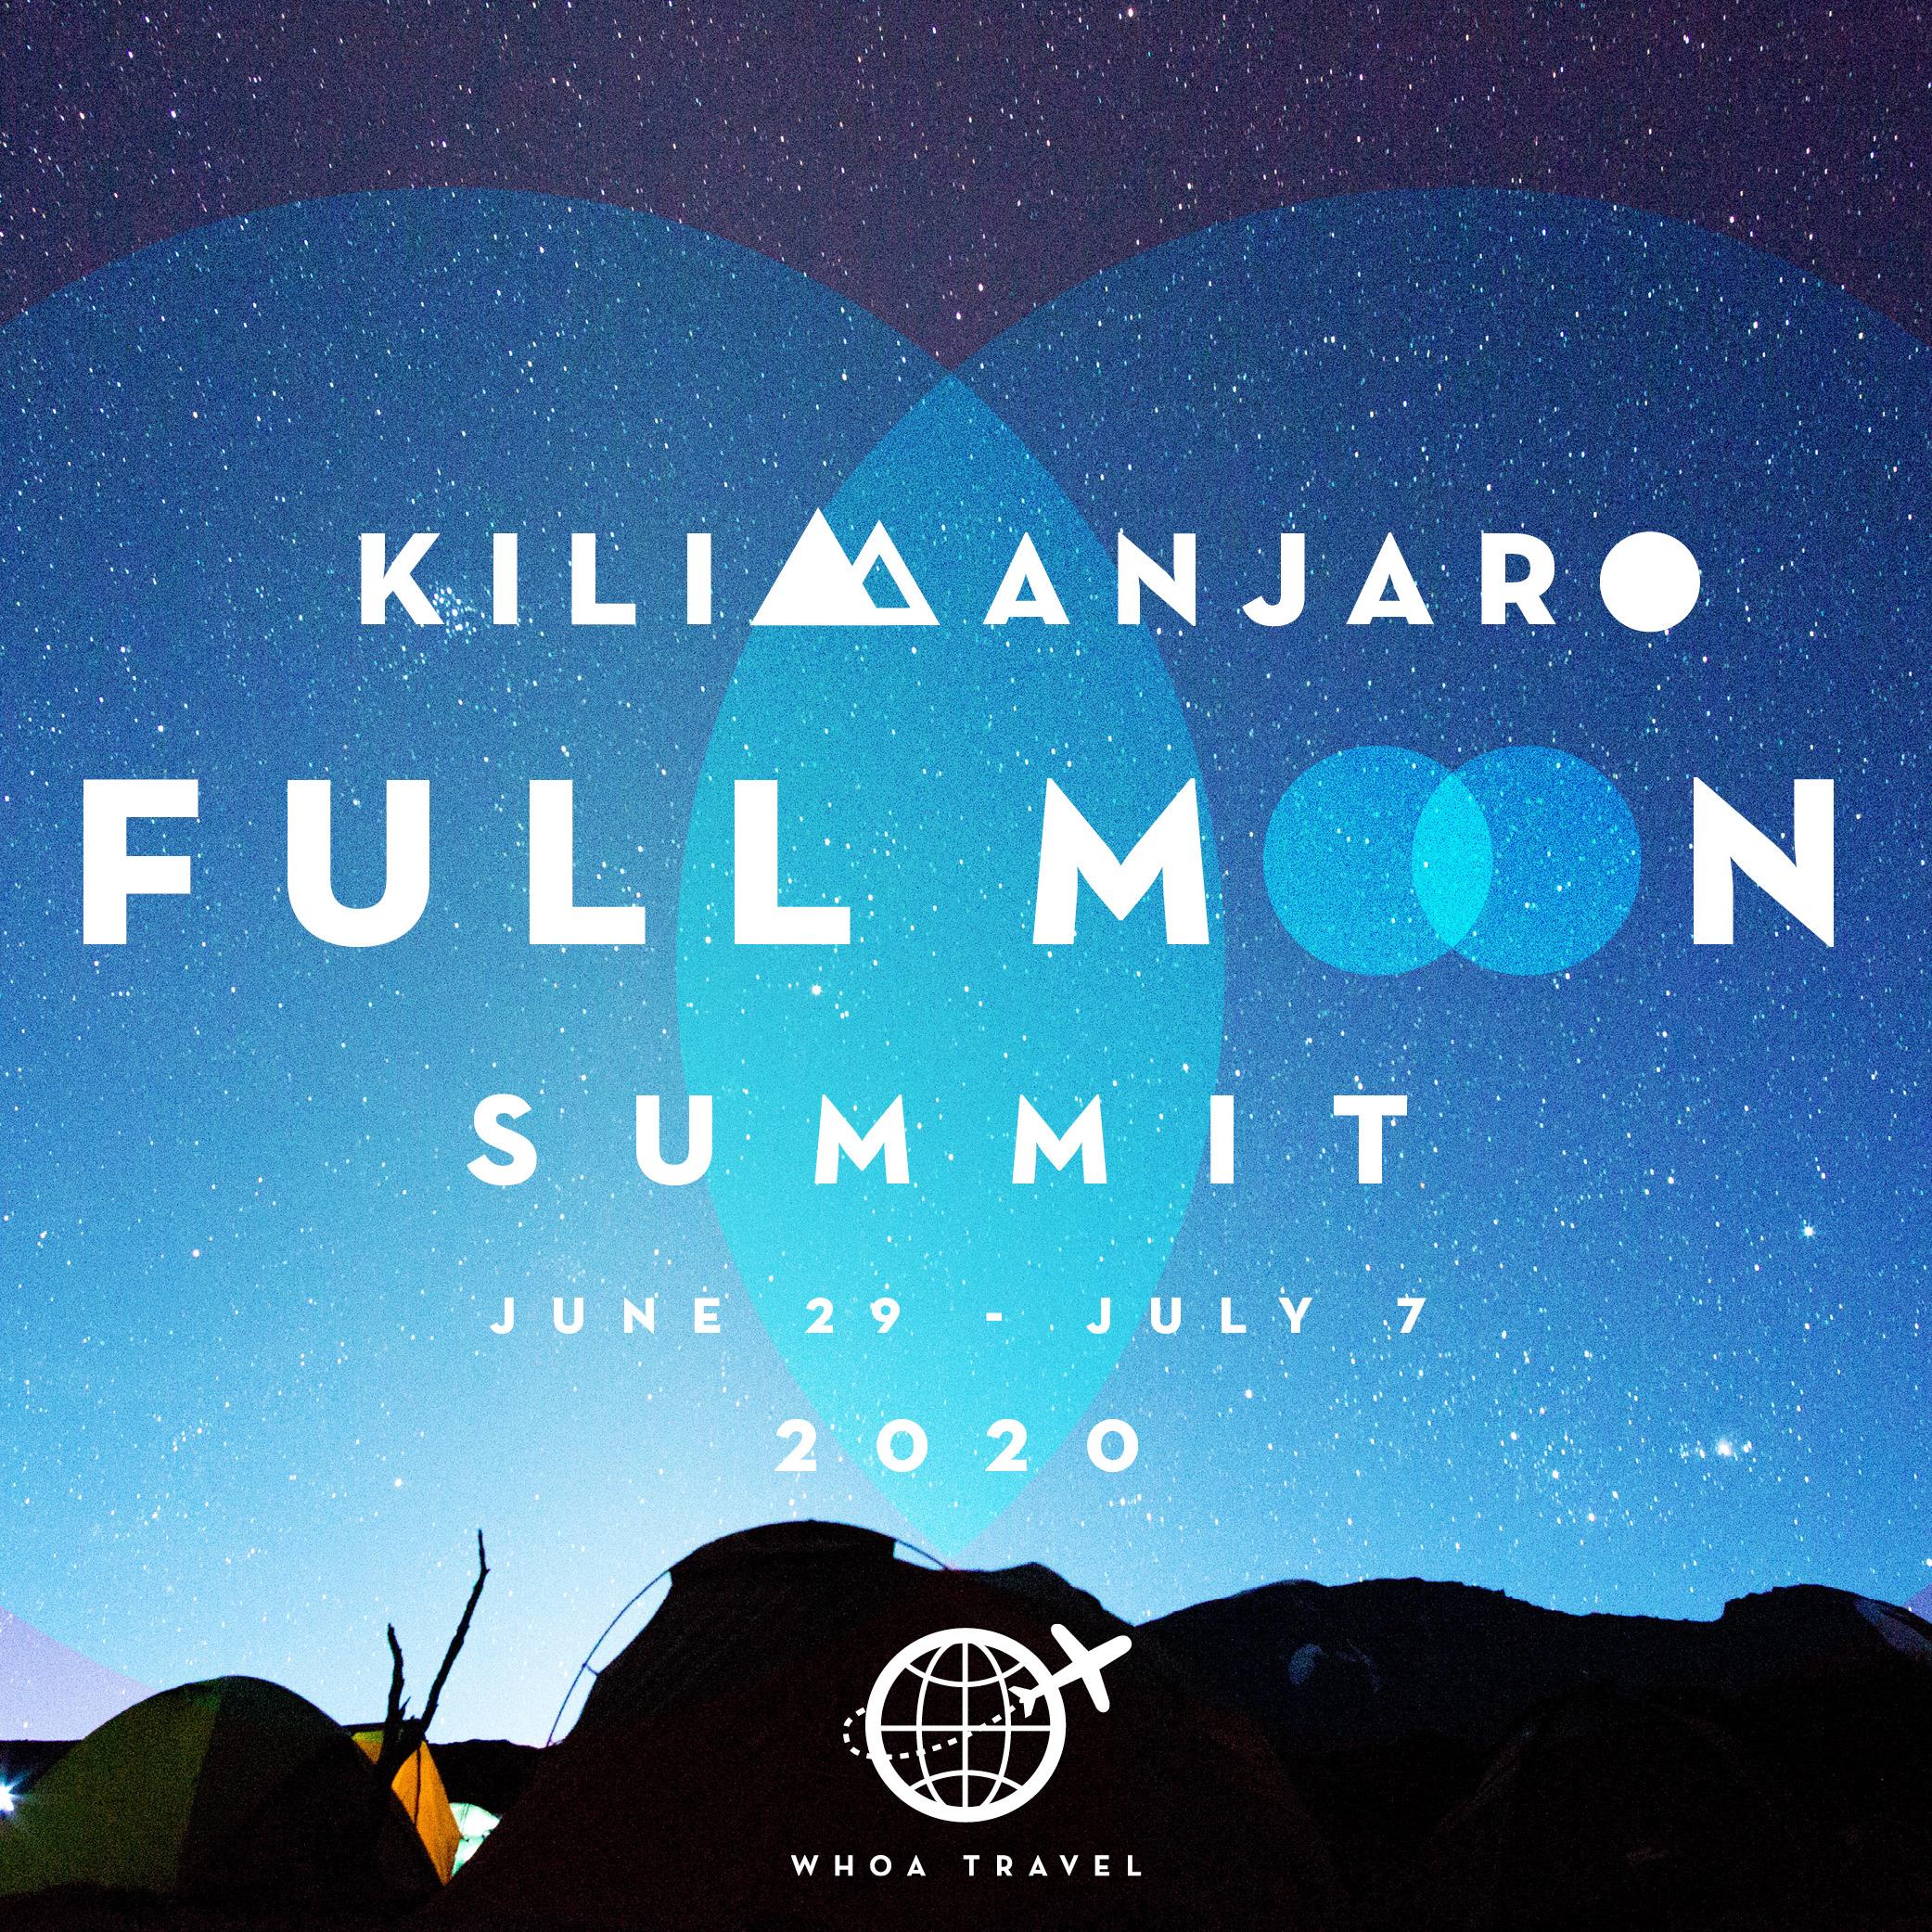 JUNE 29 - JULY 7 - 2020KILIMANJARO: FULL MOON SUMMITfrom $3,650